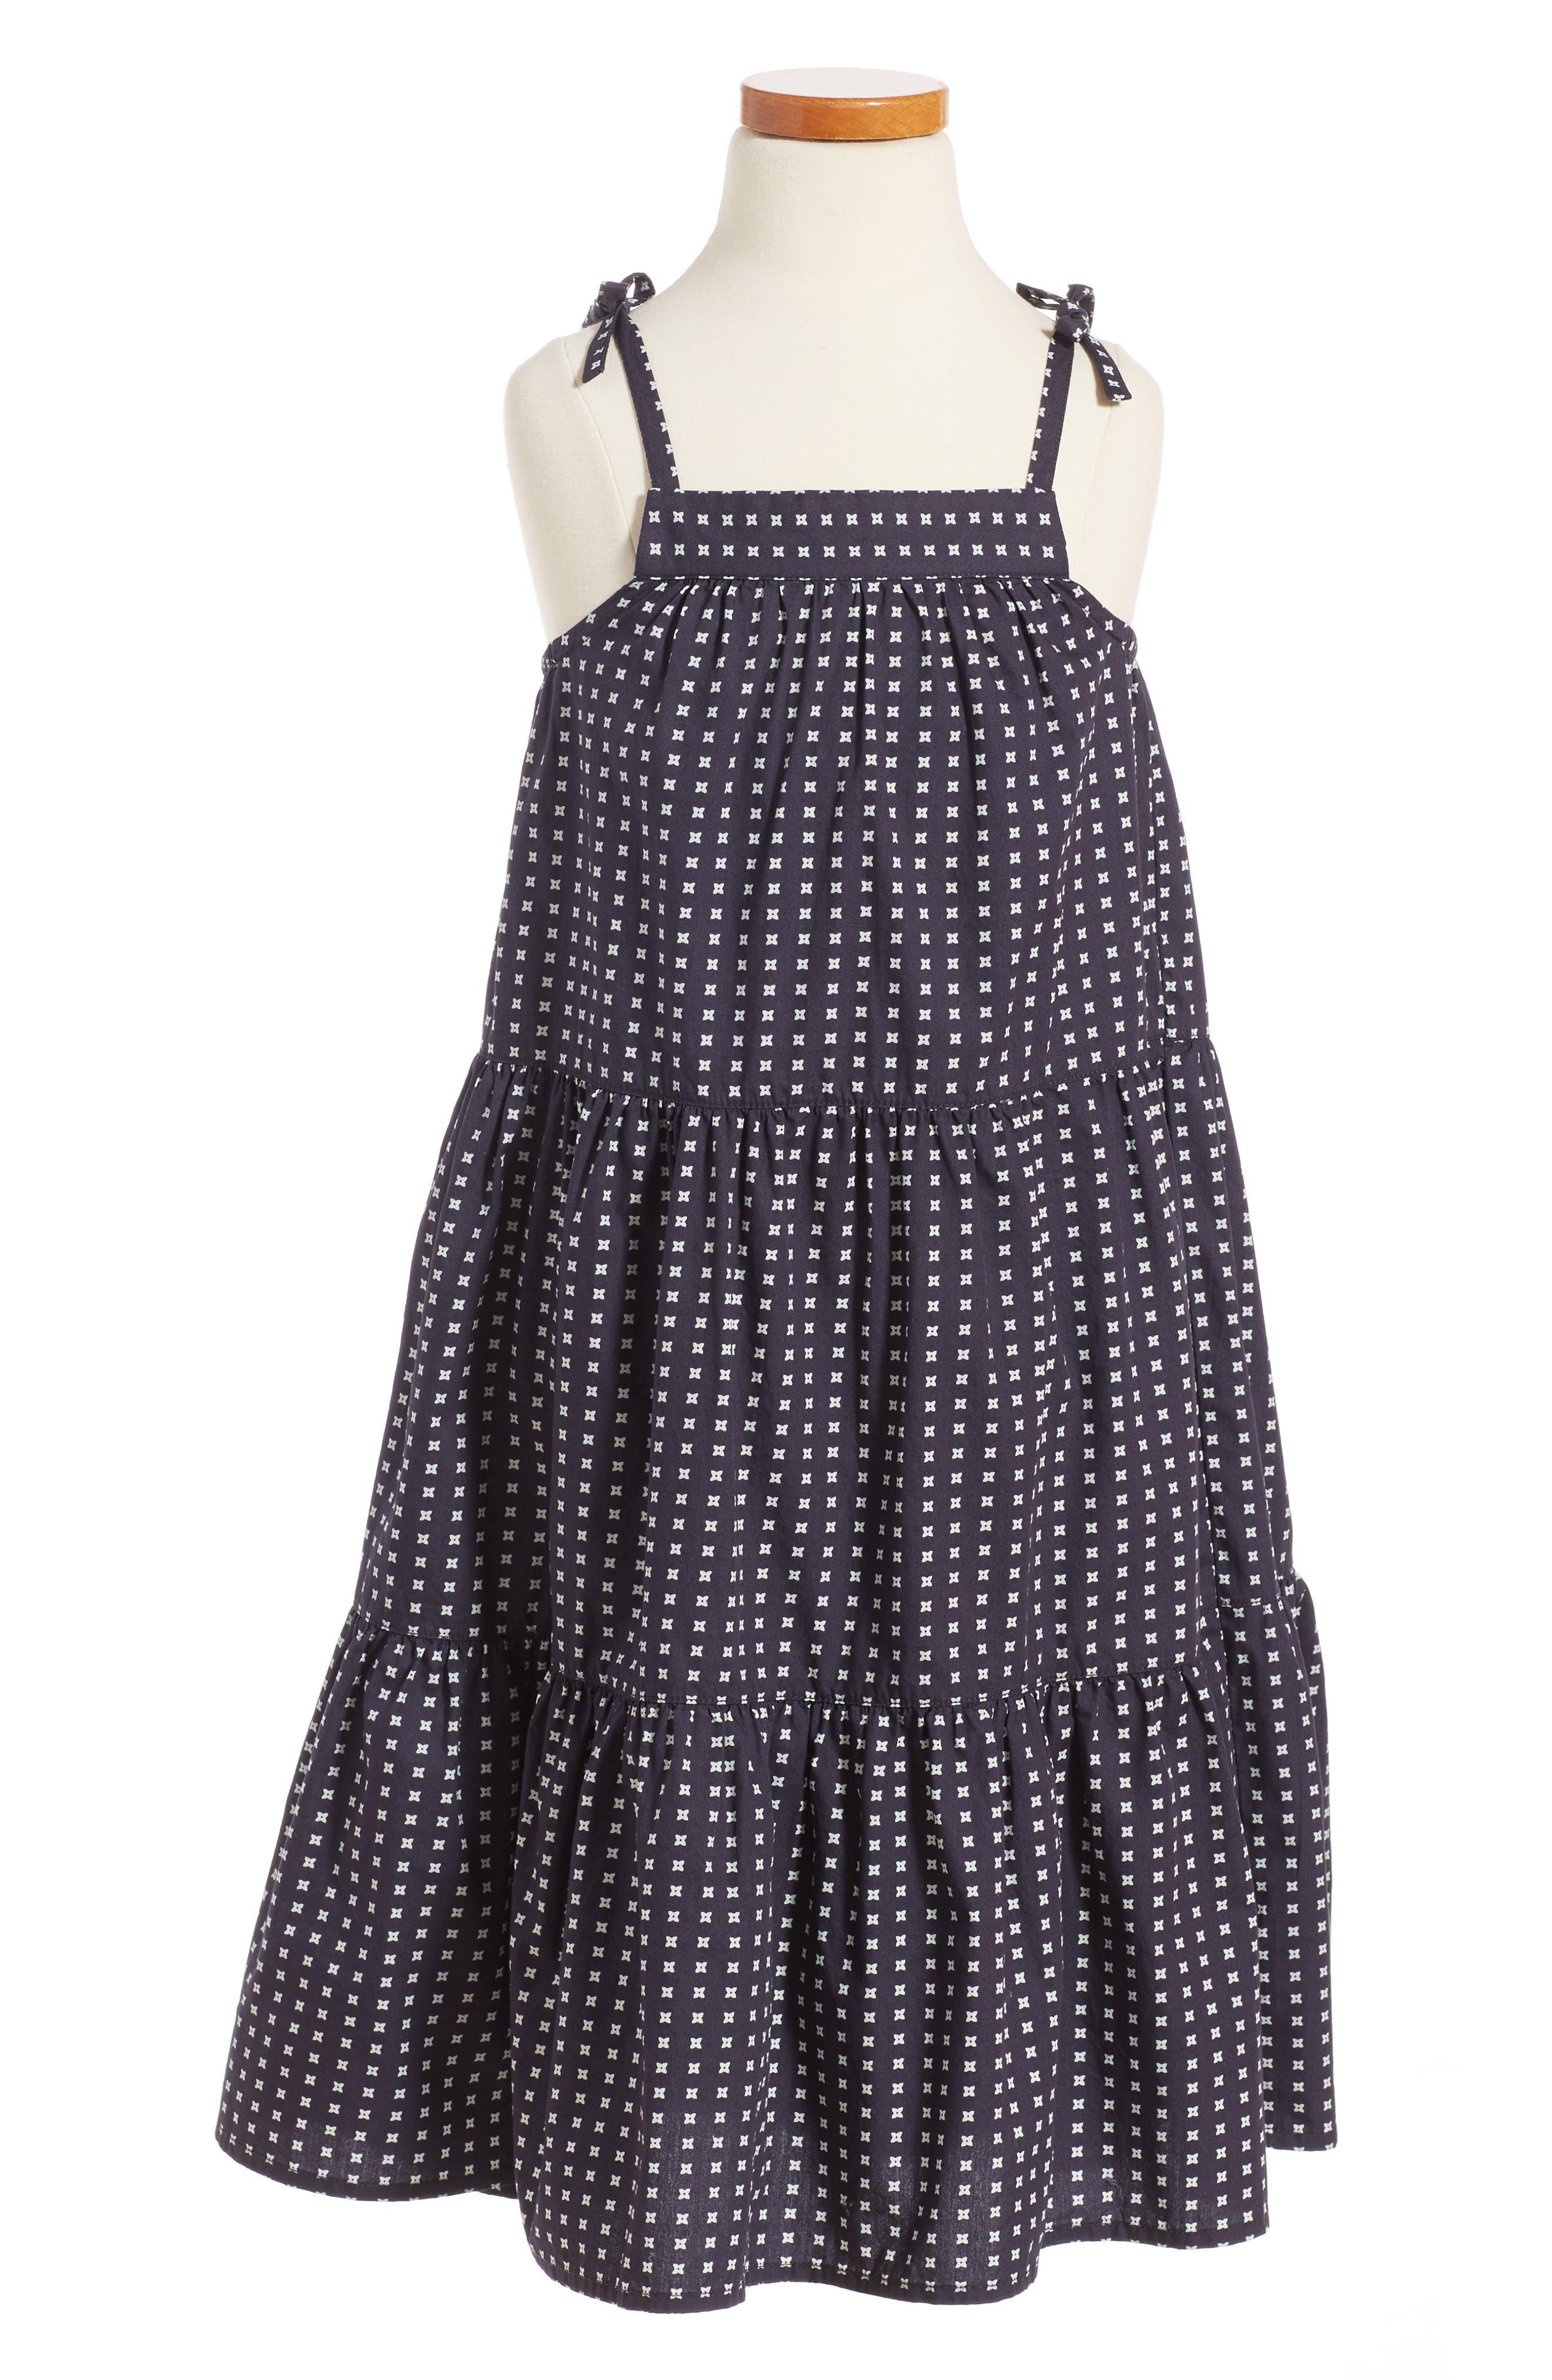 Tea Collection Bloomfield Sleeveless Dress (Toddler Girls, Little Girls & Big Girls)